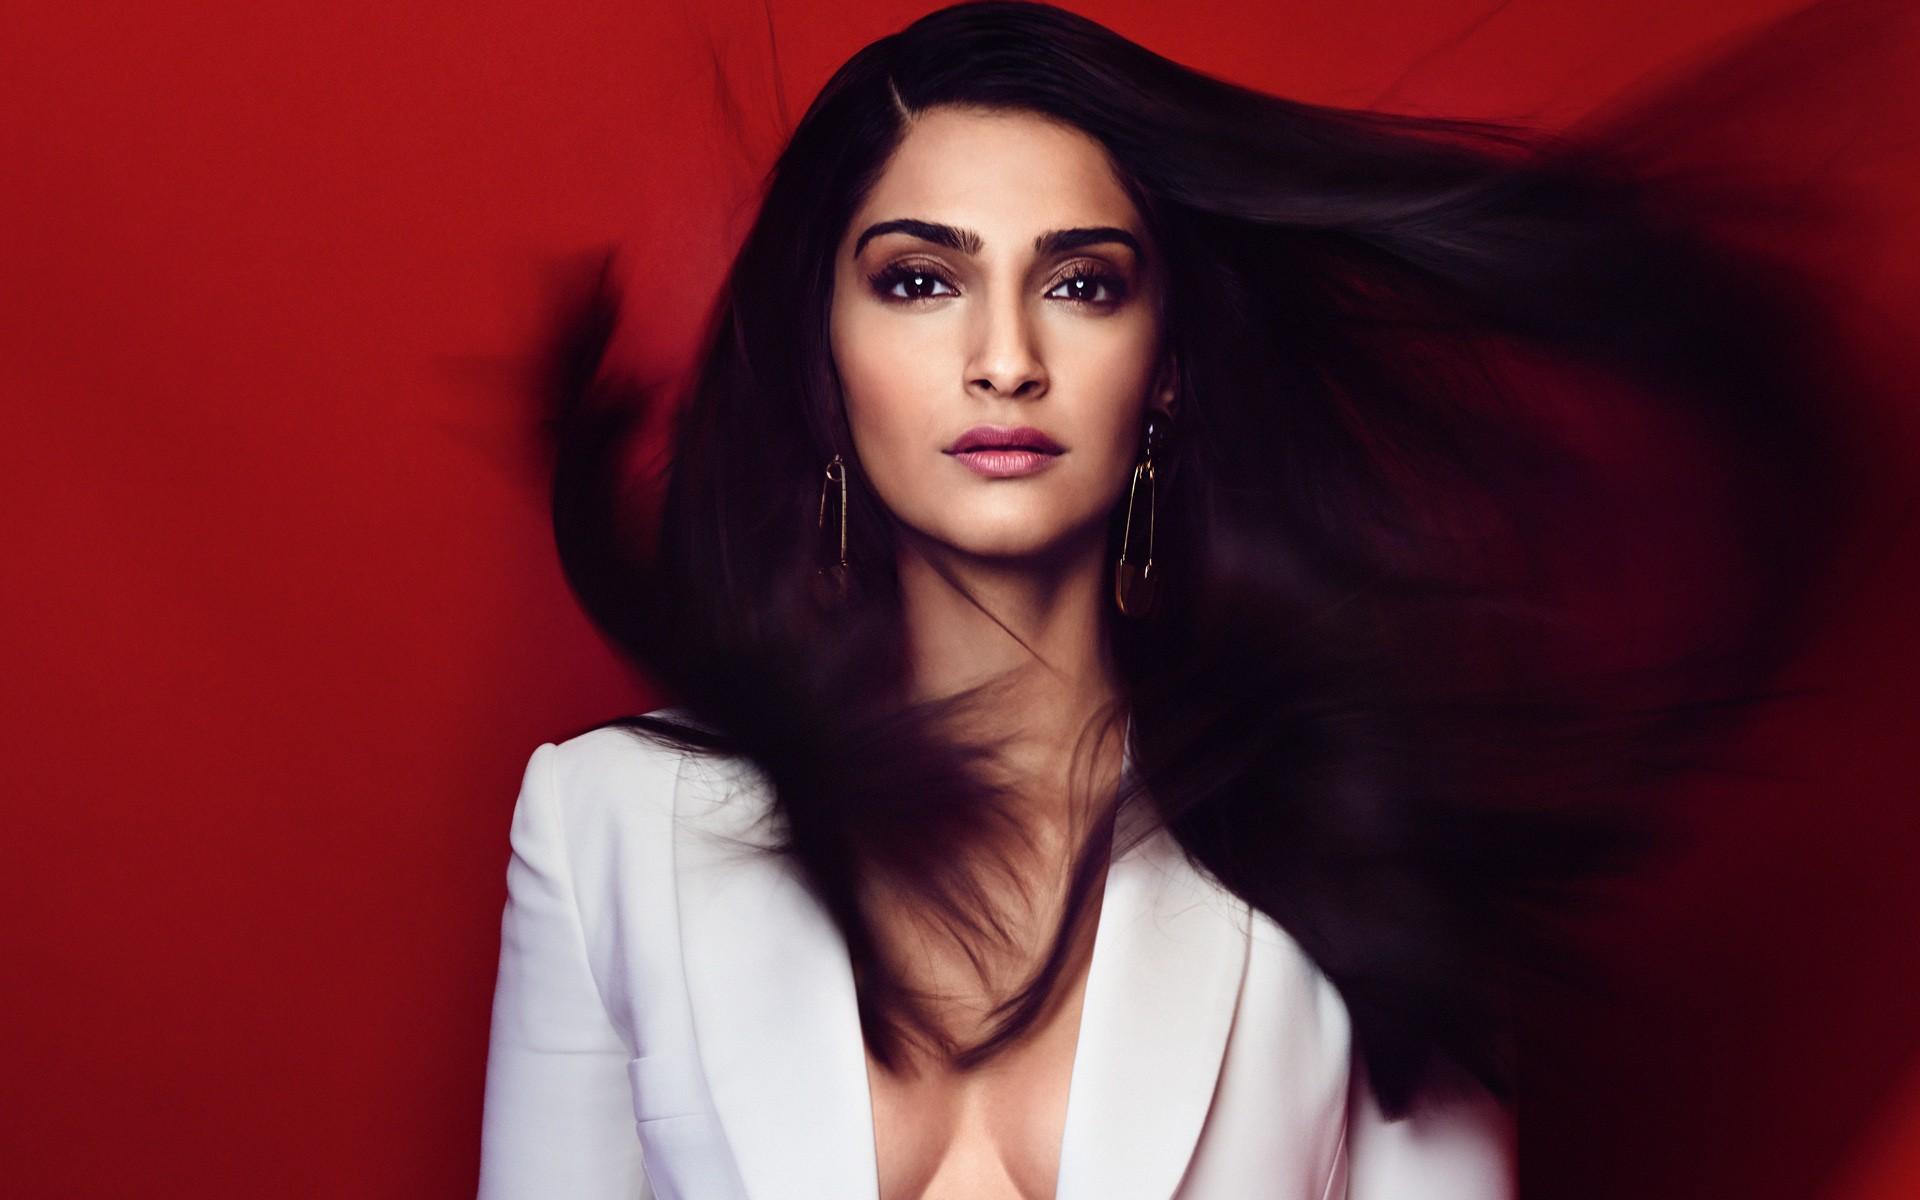 Sonam Kapoor Wallpapers: Sonam Kapoor, HD Indian Celebrities, 4k Wallpapers, Images